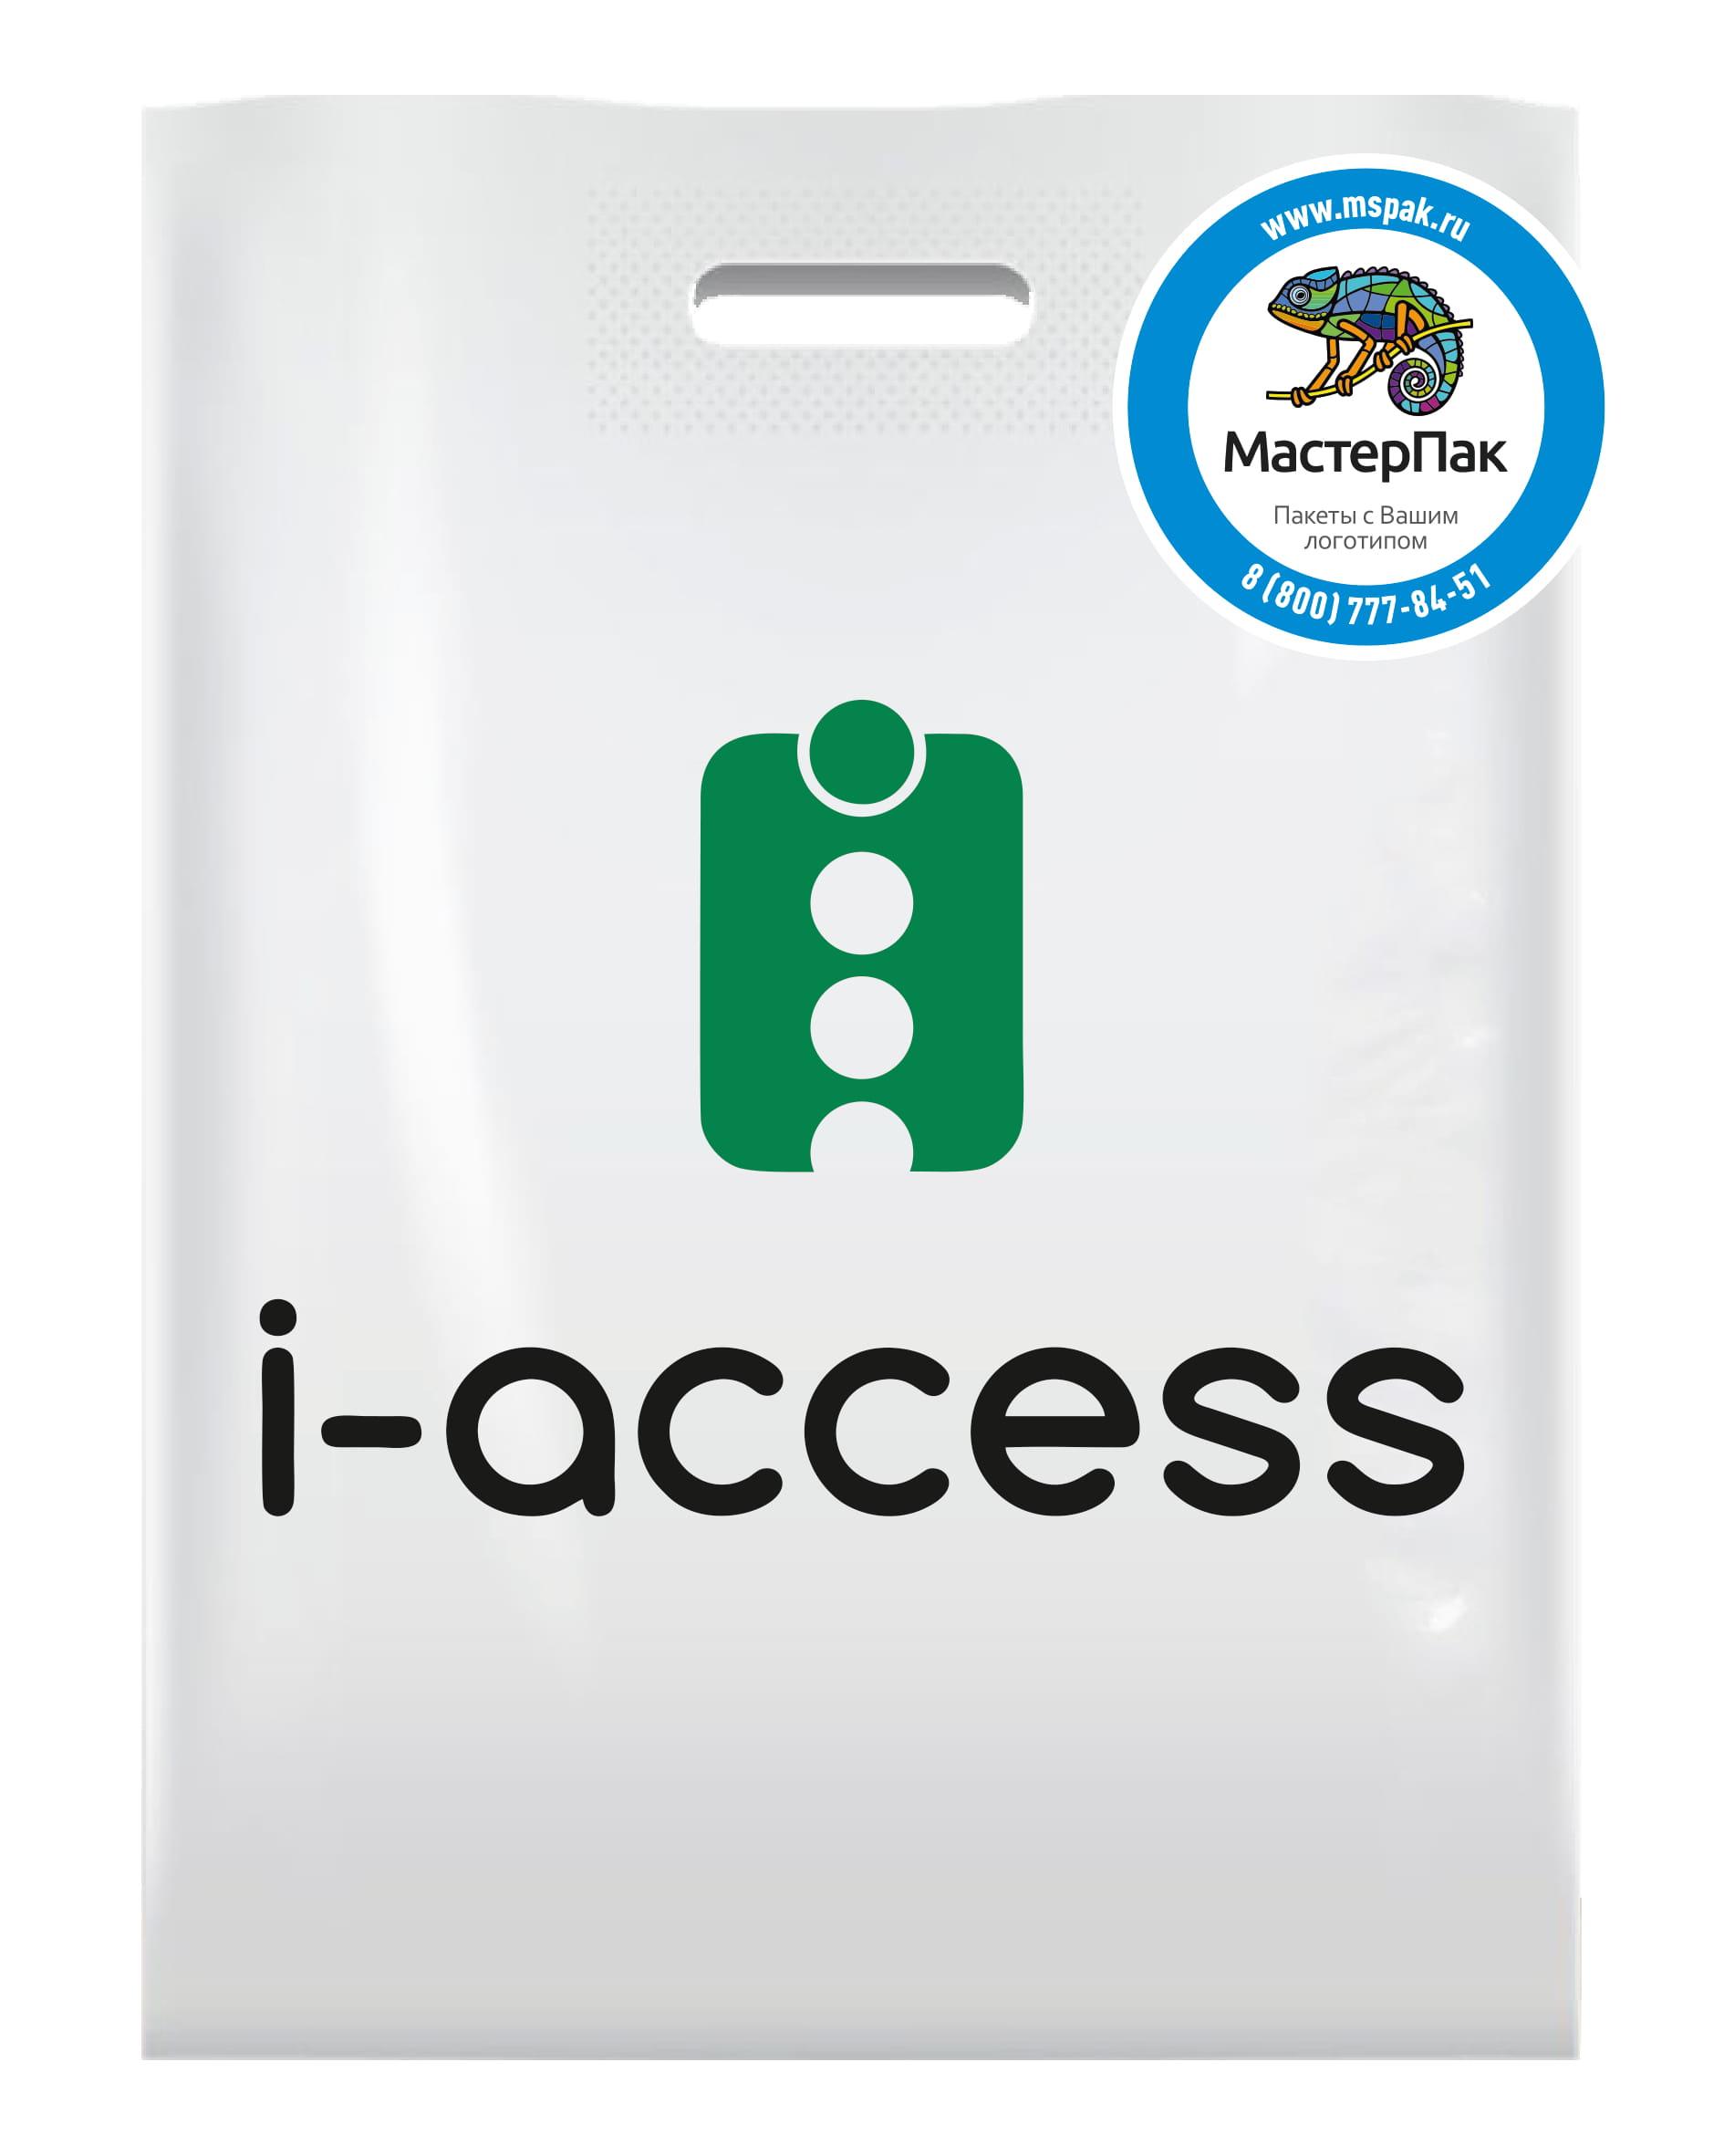 Пакет ПВД с логотипом i-access, вырубная ручка, Москва